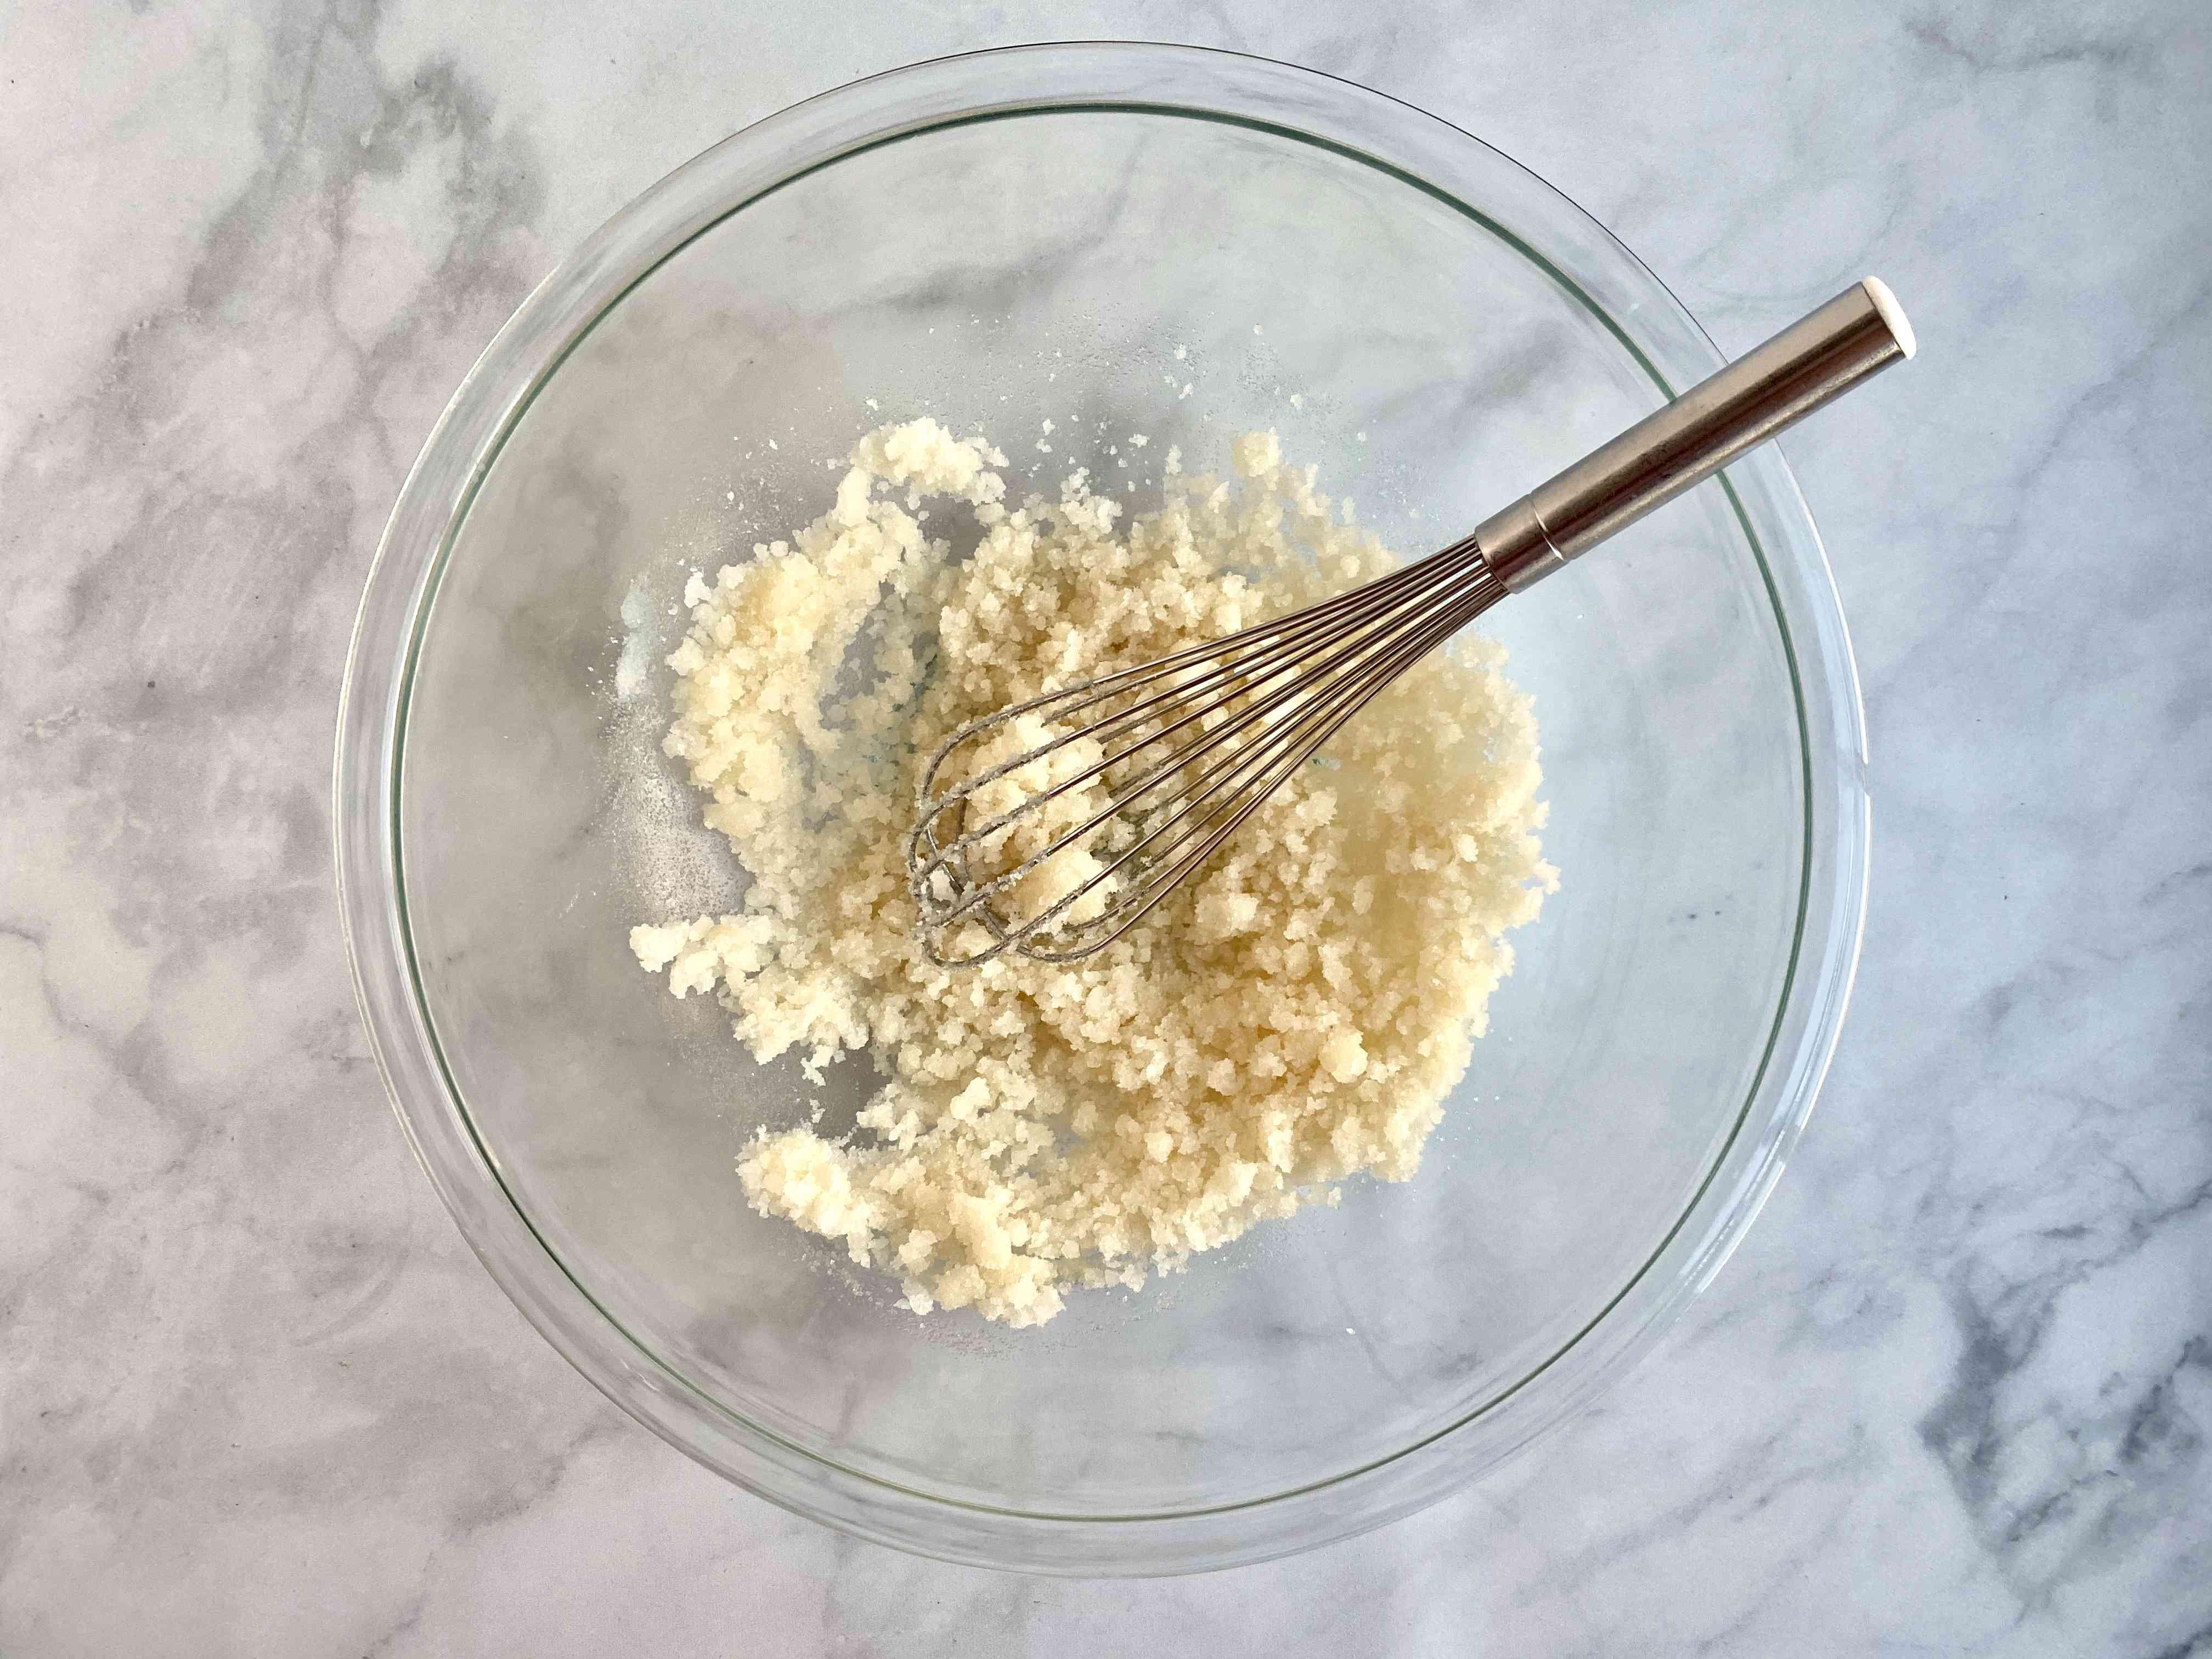 sugar, oil and vanilla